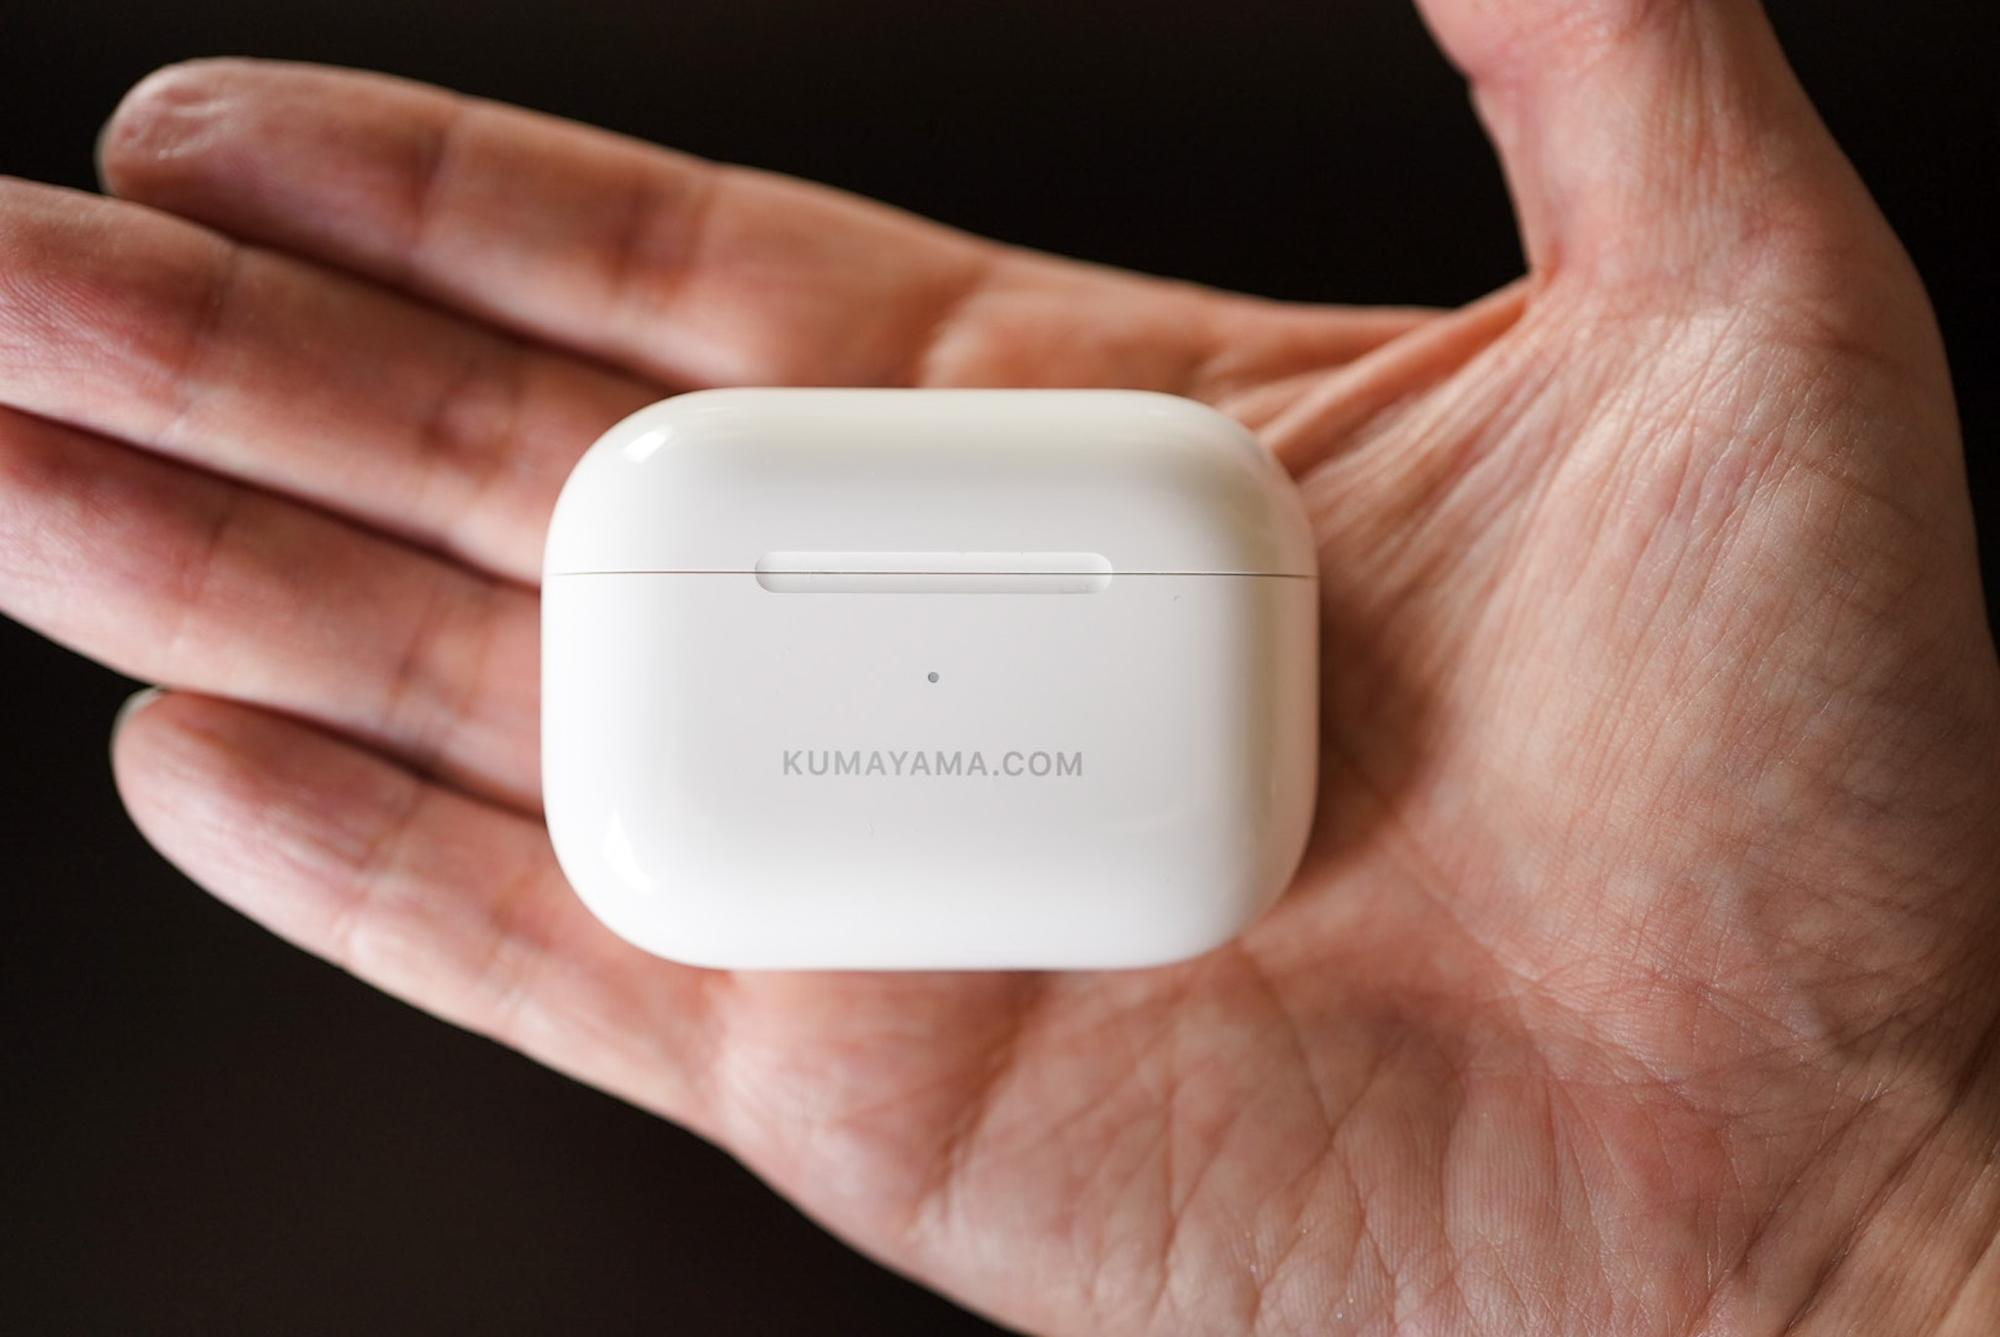 小さく丸っこく、いつまでも手の中で転がしていたくなるAirPods Proのケース